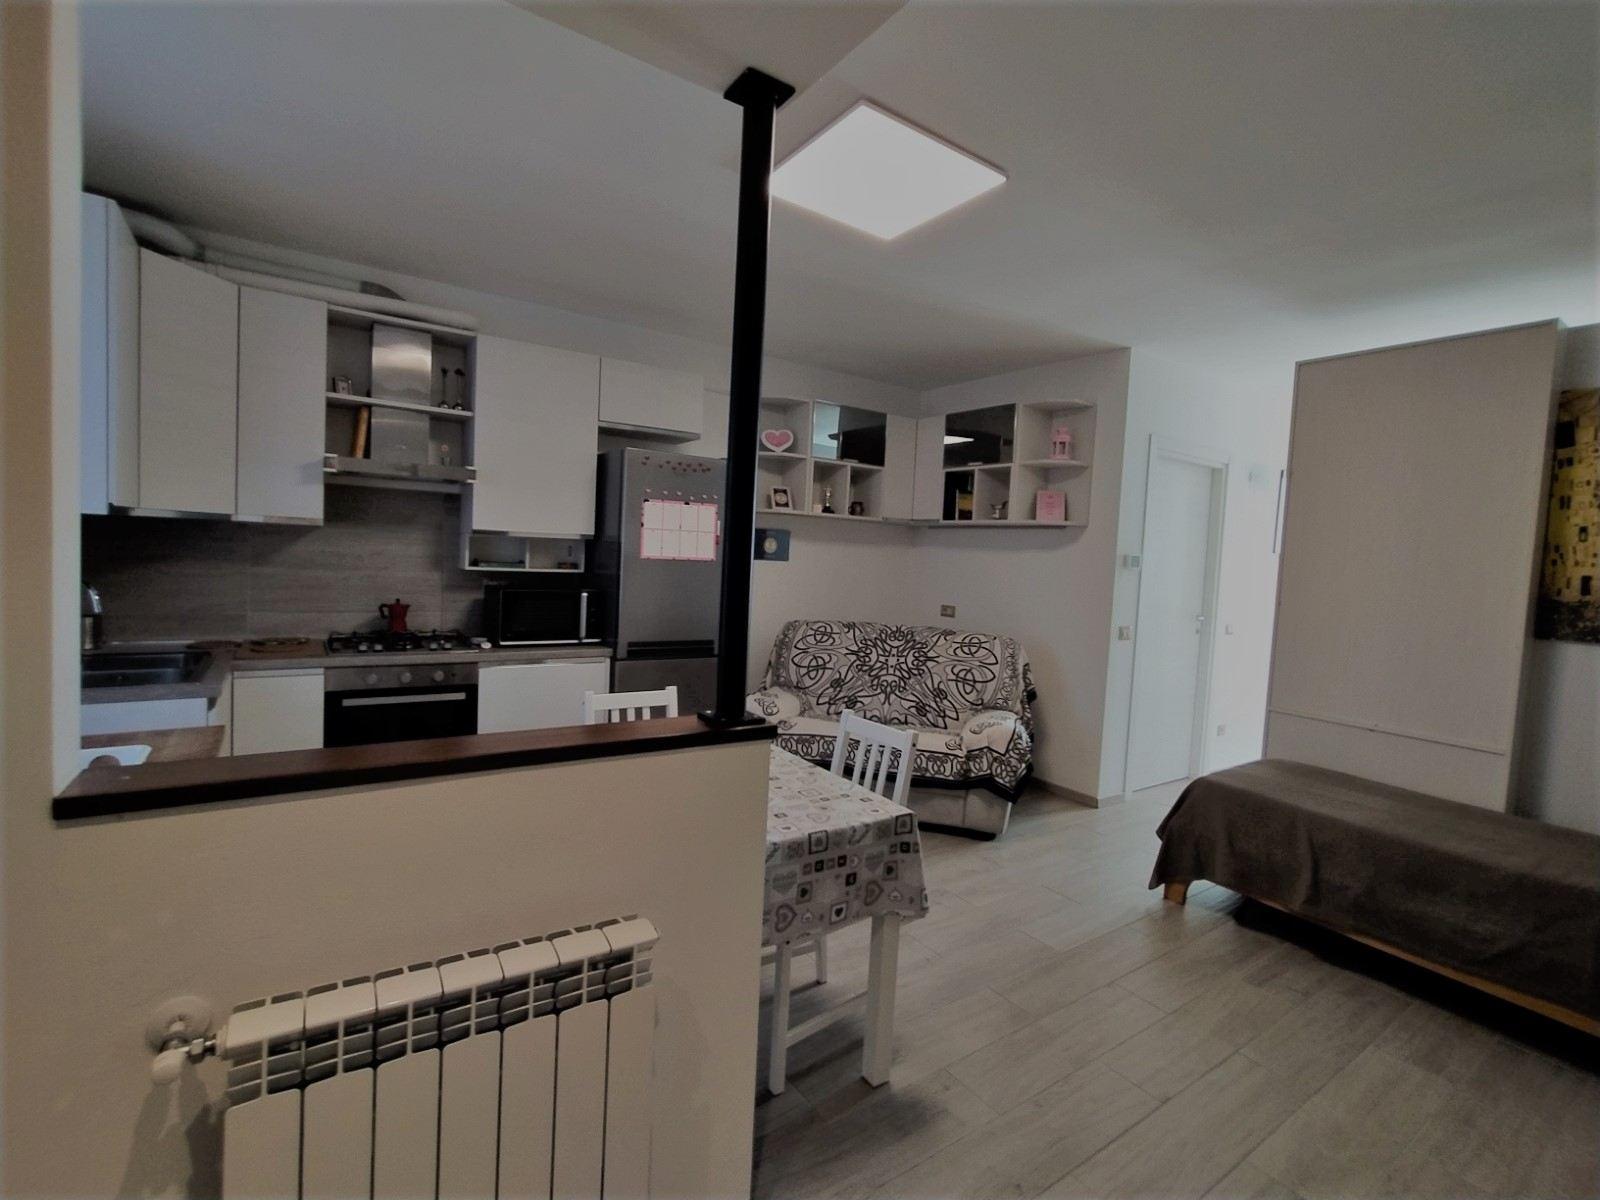 appartamento-in-vendita-a-rho-spaziourbano-immobiliare-vende-monolocale-mono-milano-fiera-5